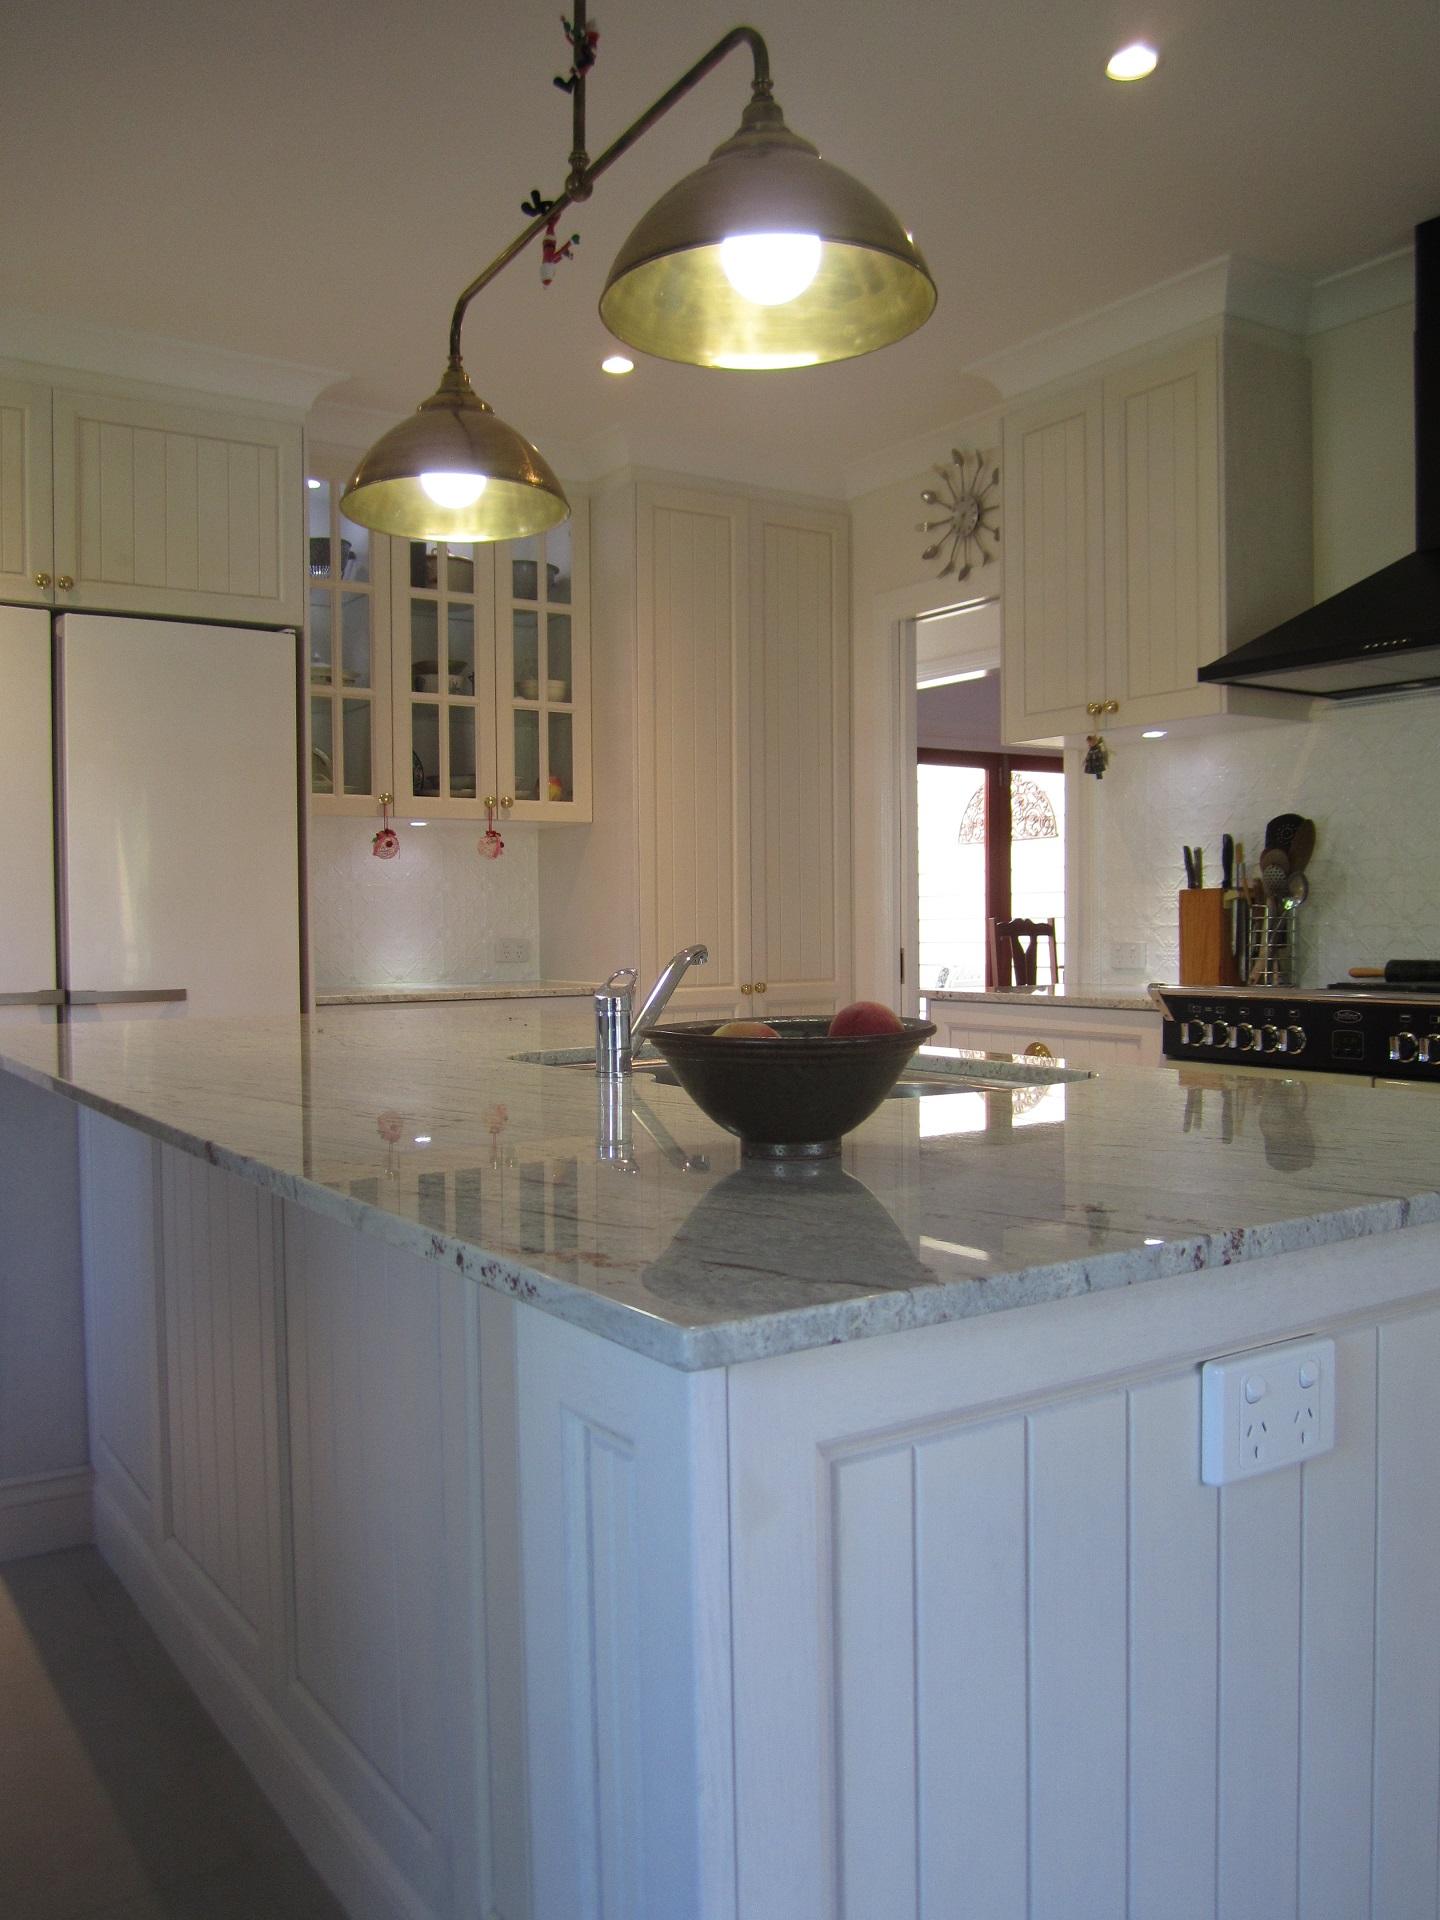 brisbane-kitchen-design-brookfield-shaker-vj-traditional-kitchen6